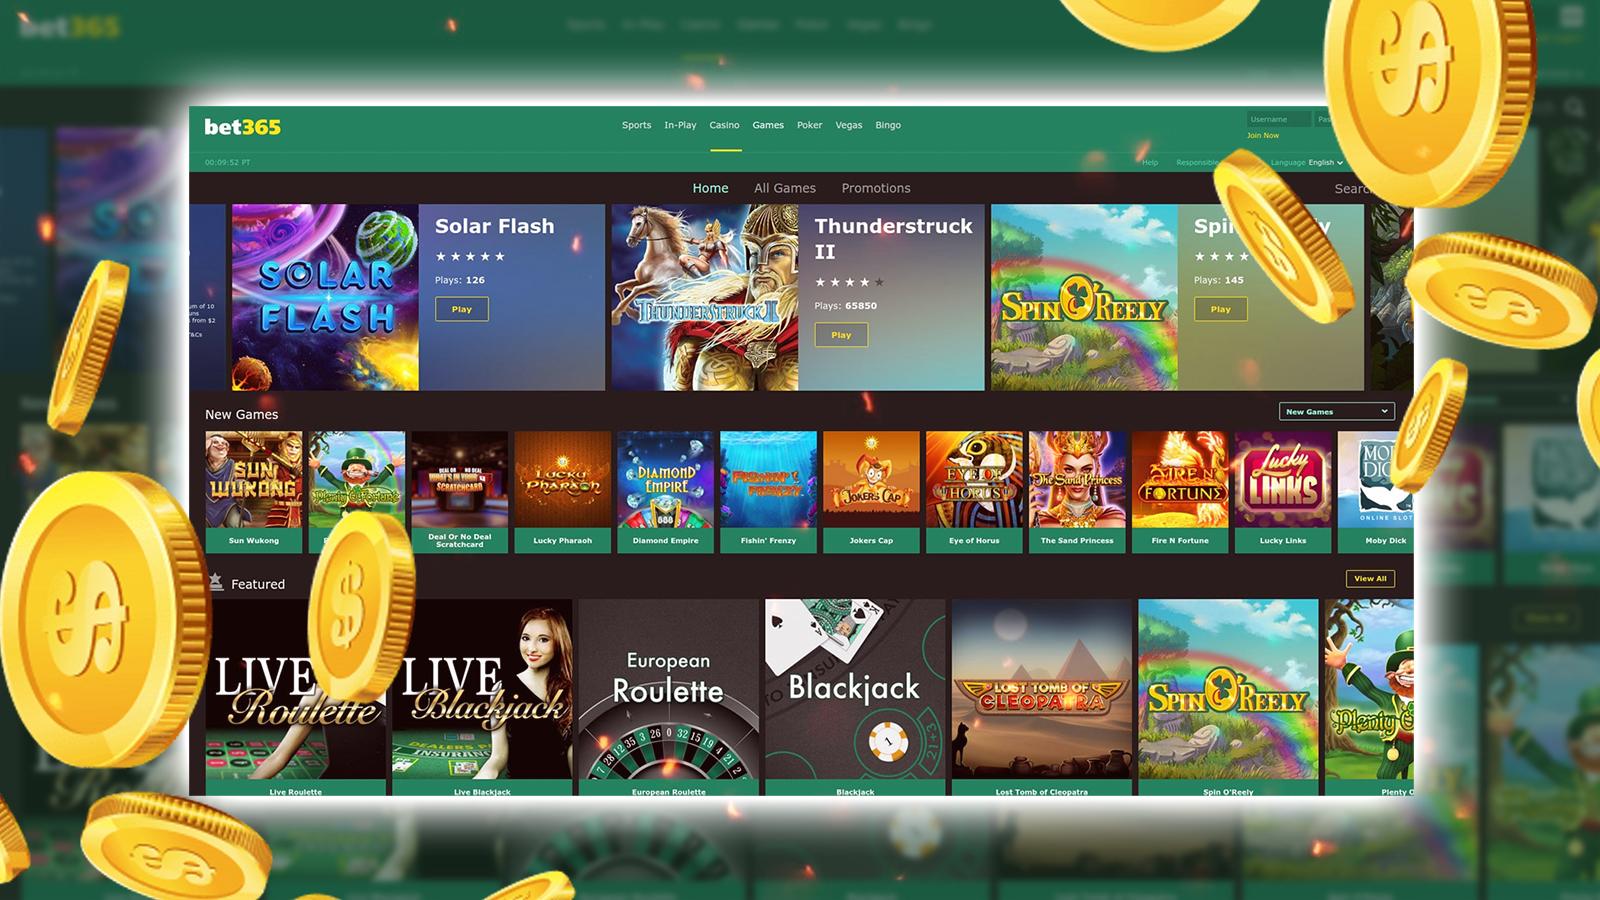 Bet365 online casino reviews полуавтоматы с углекислотой и их разновидности